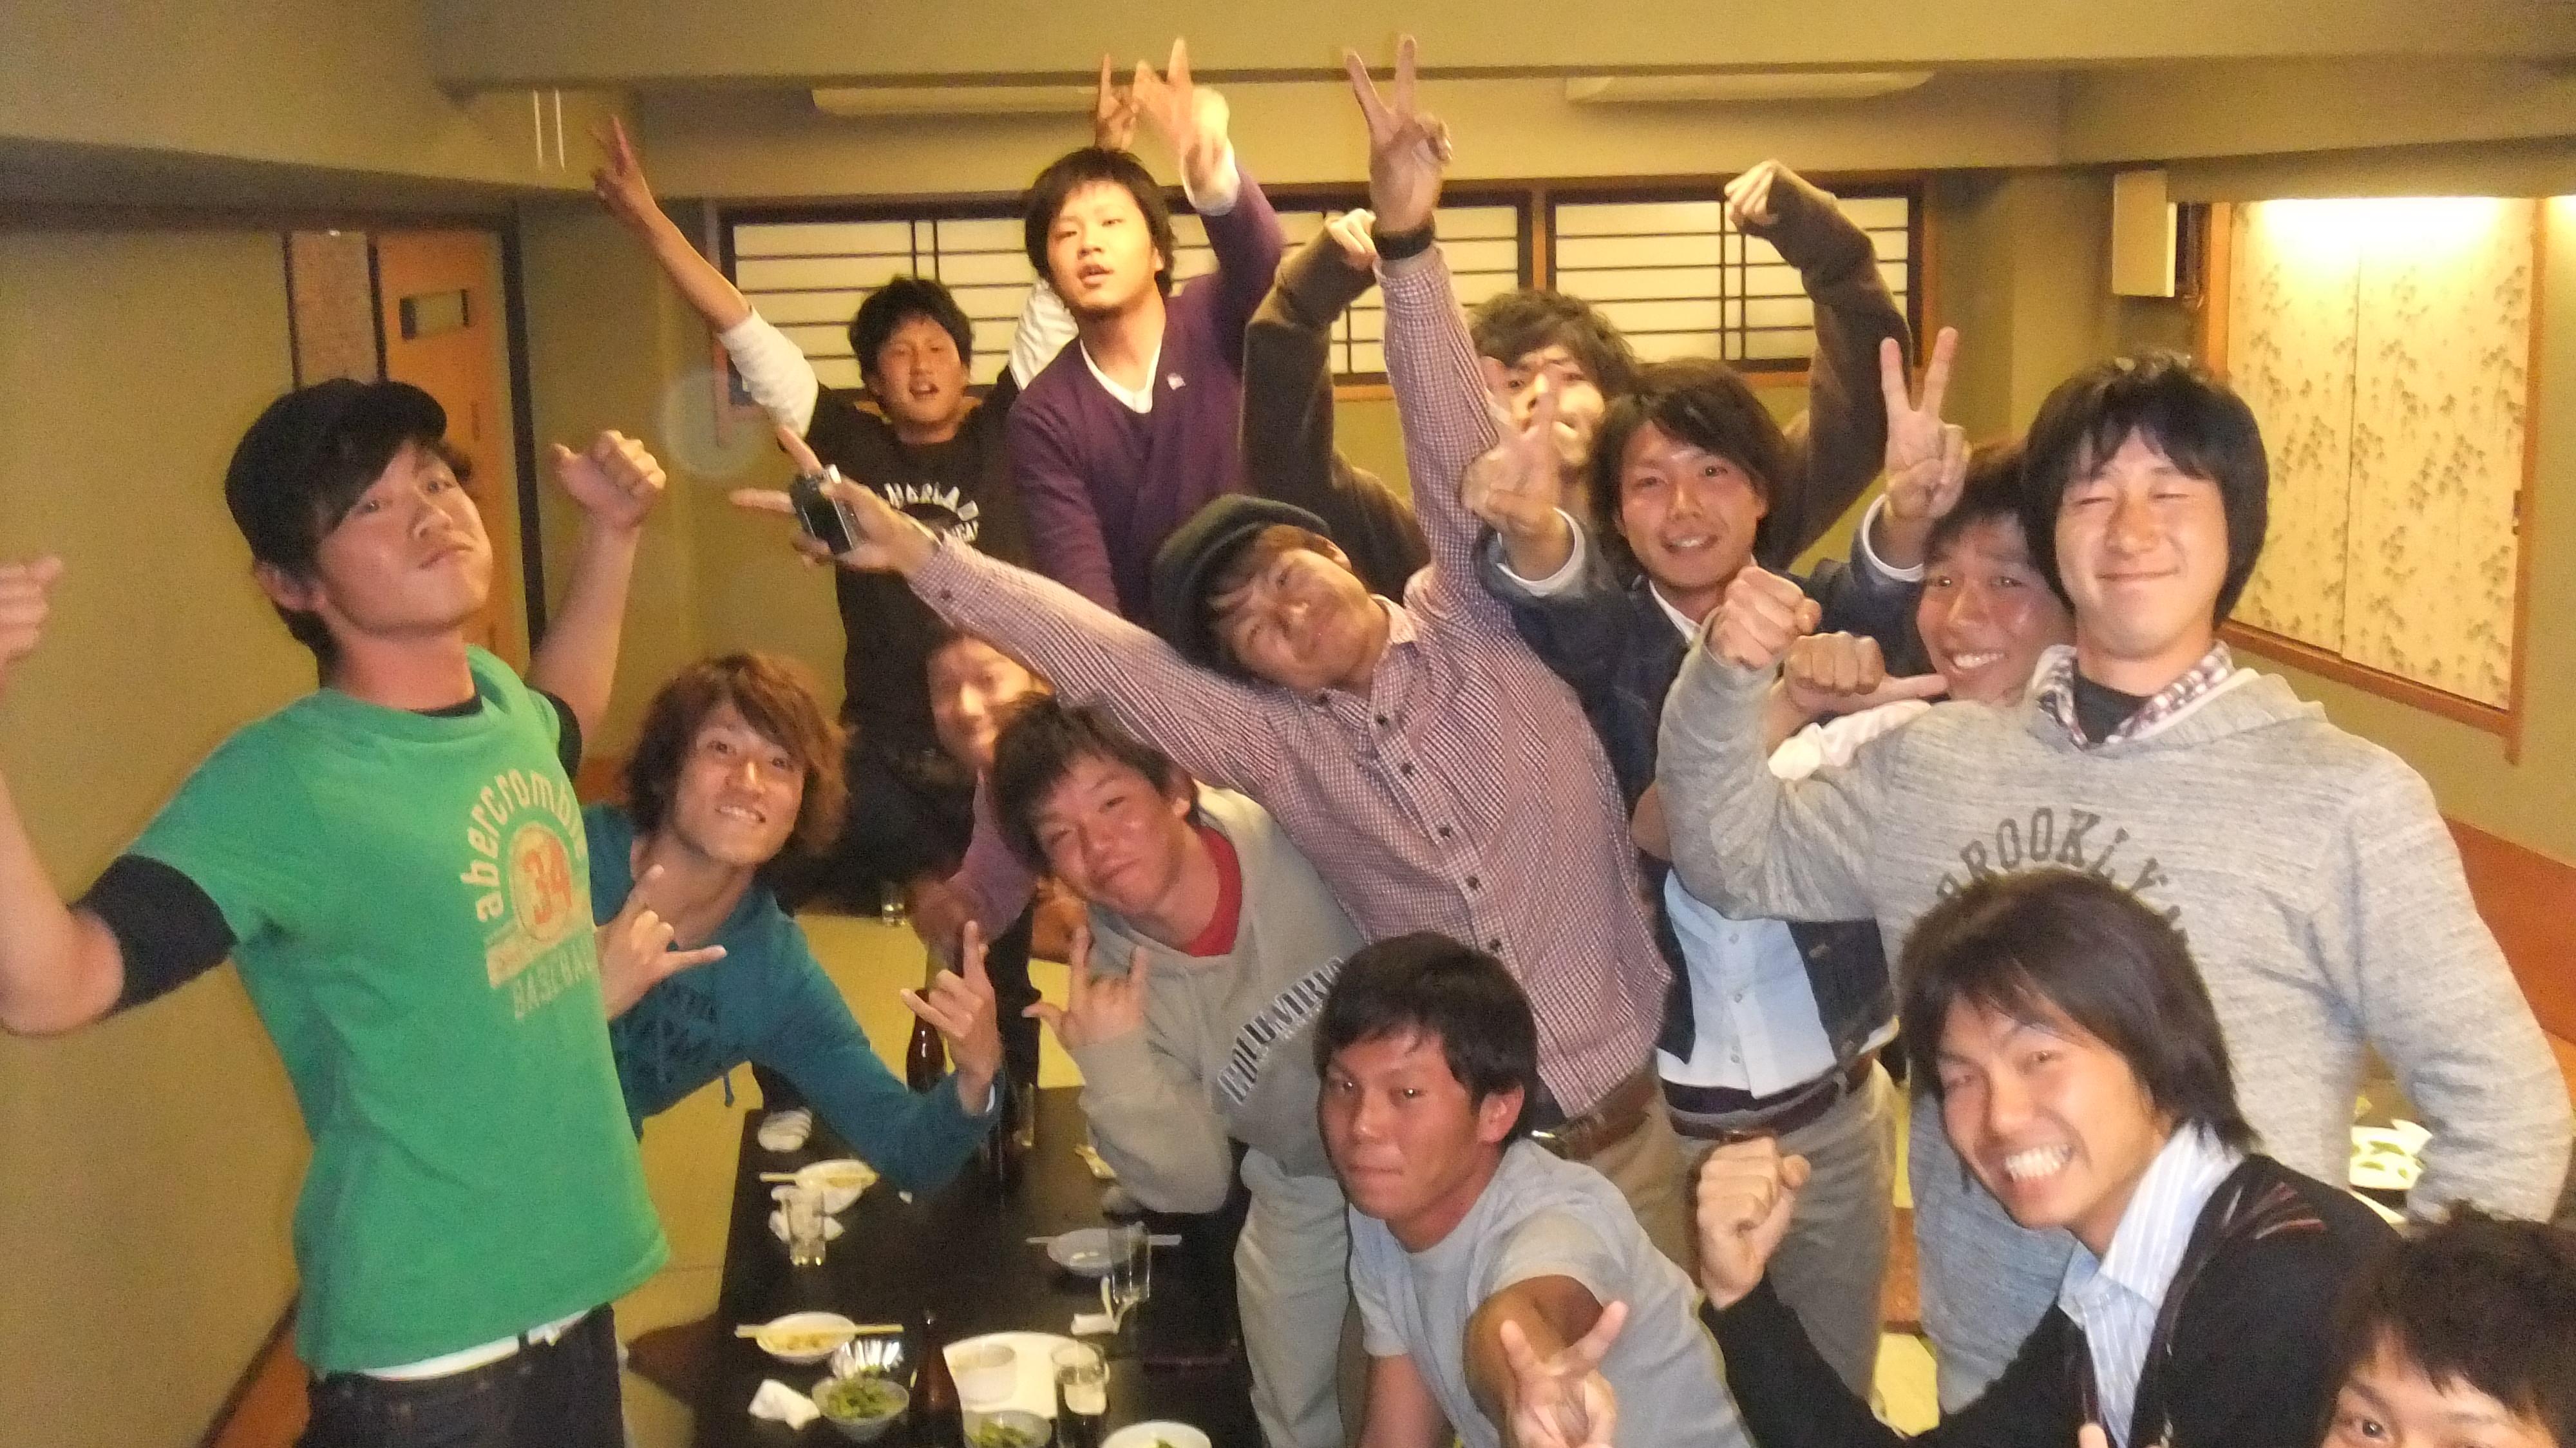 http://shimeta.net/mens_blog/DSCF9545.JPG